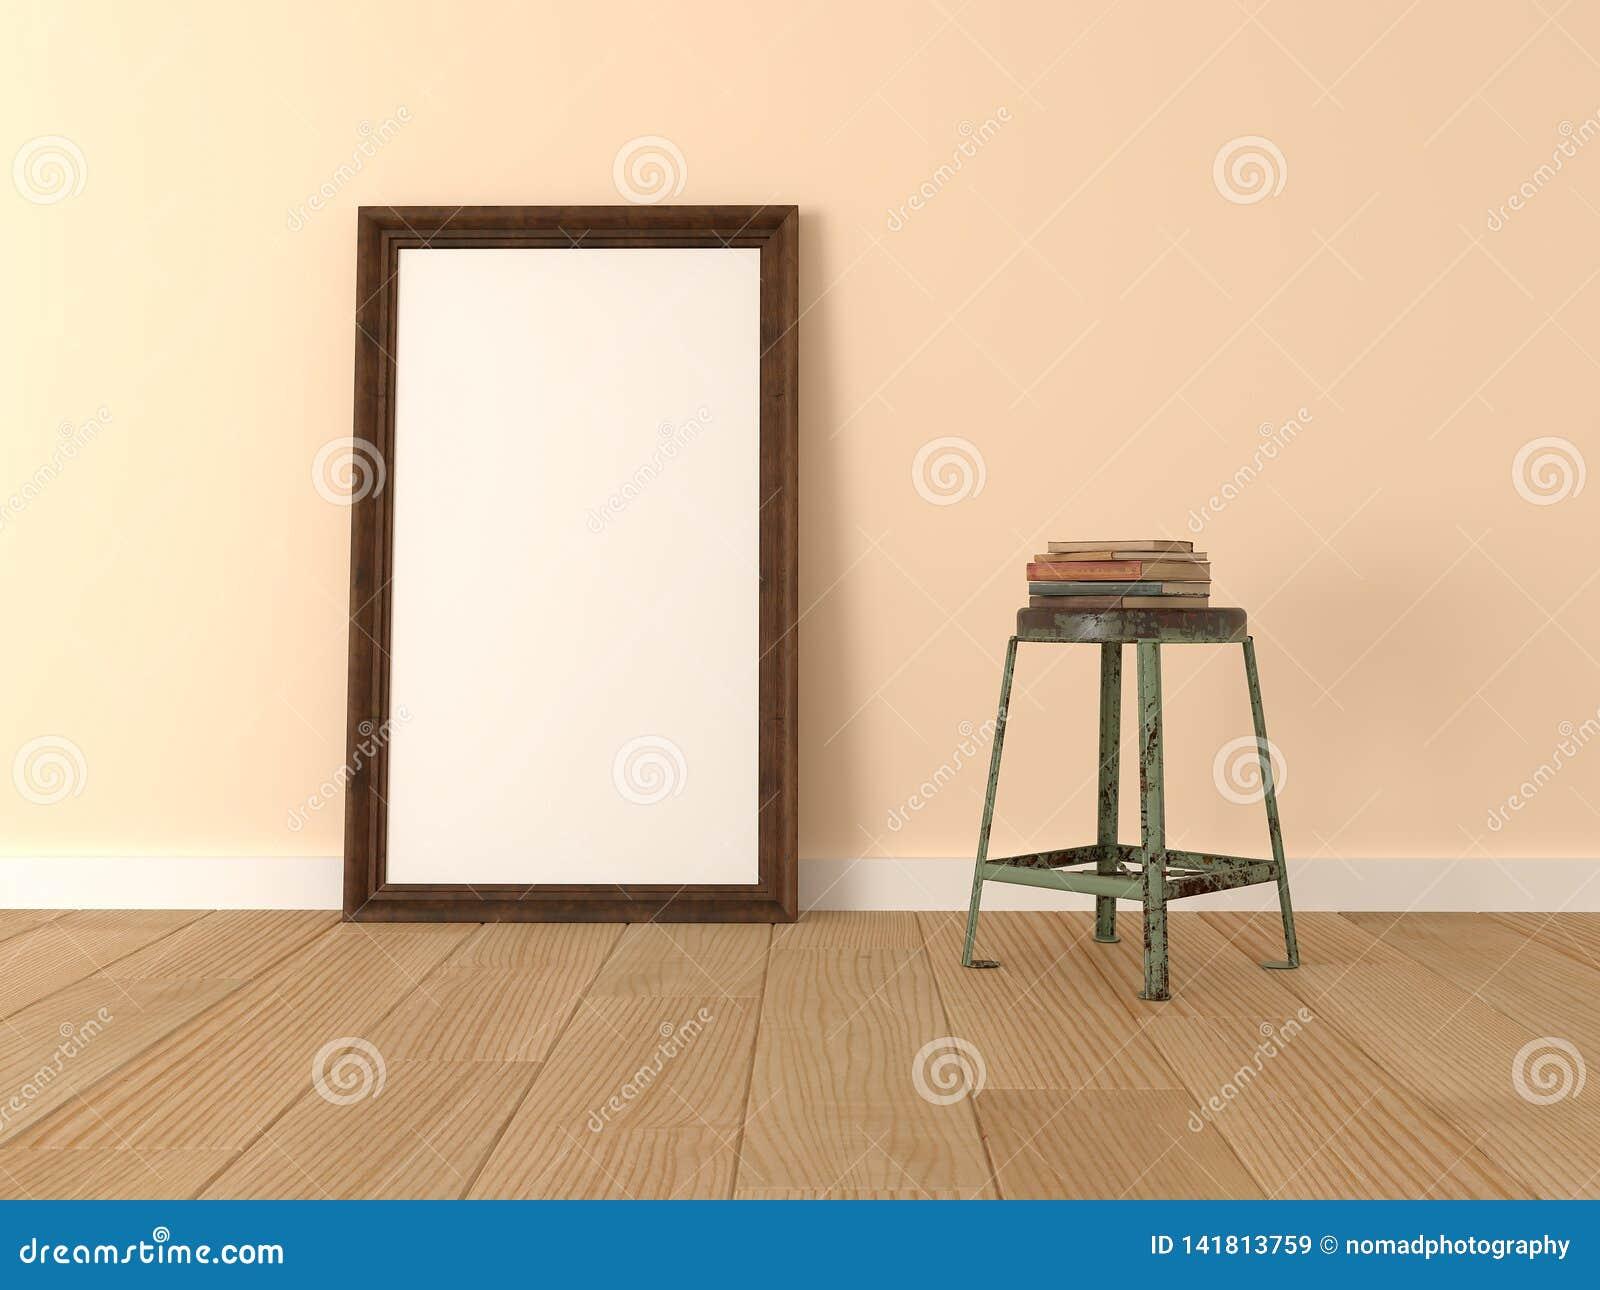 假装海报,木制框架在屋子里